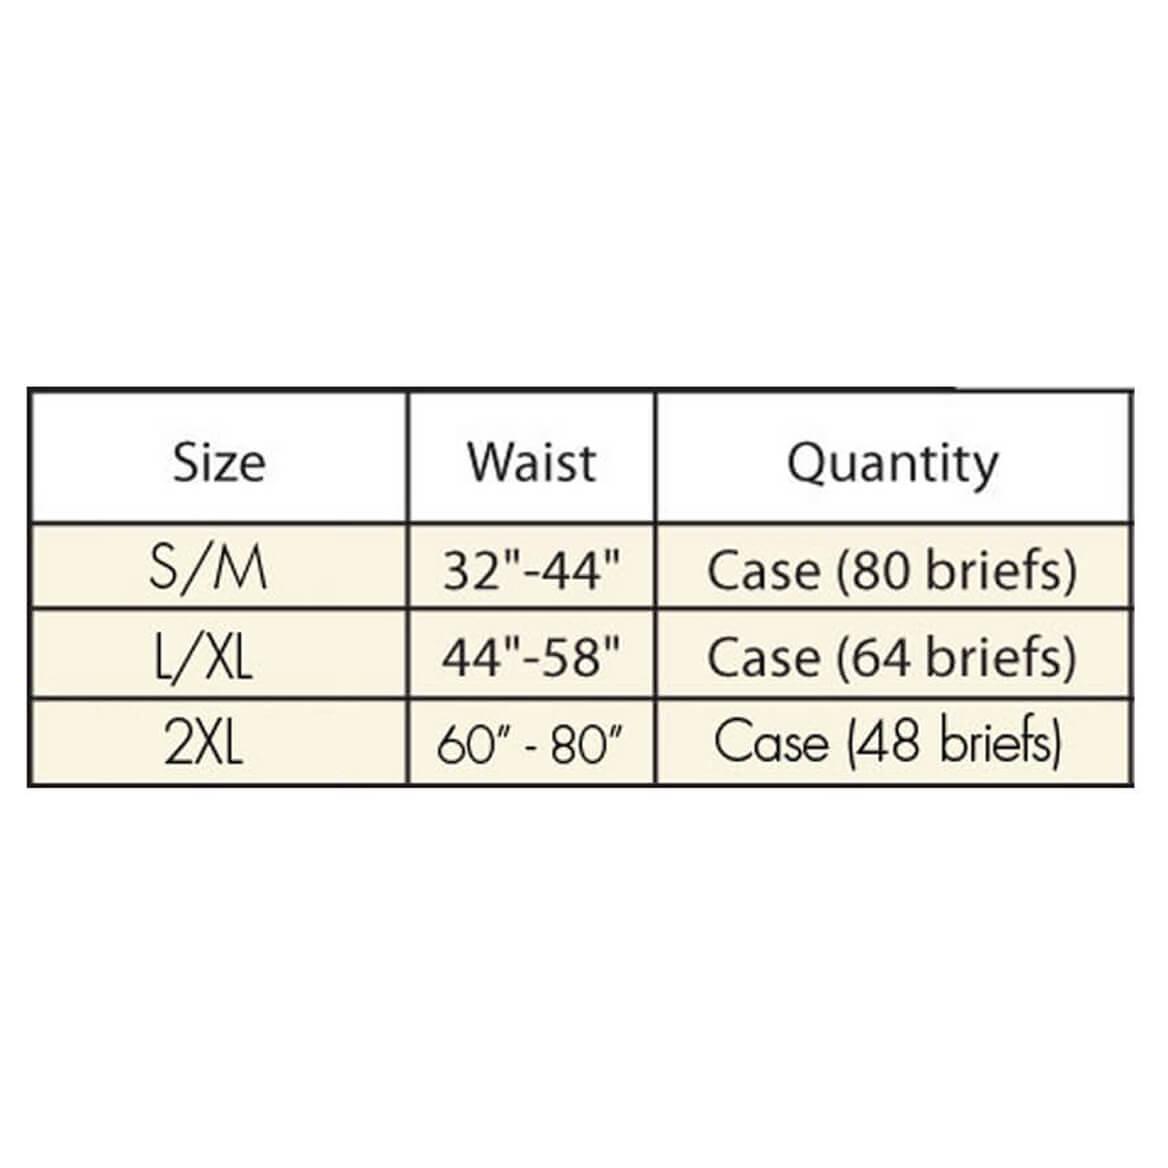 Unisex Protective Underwear - Case-347595